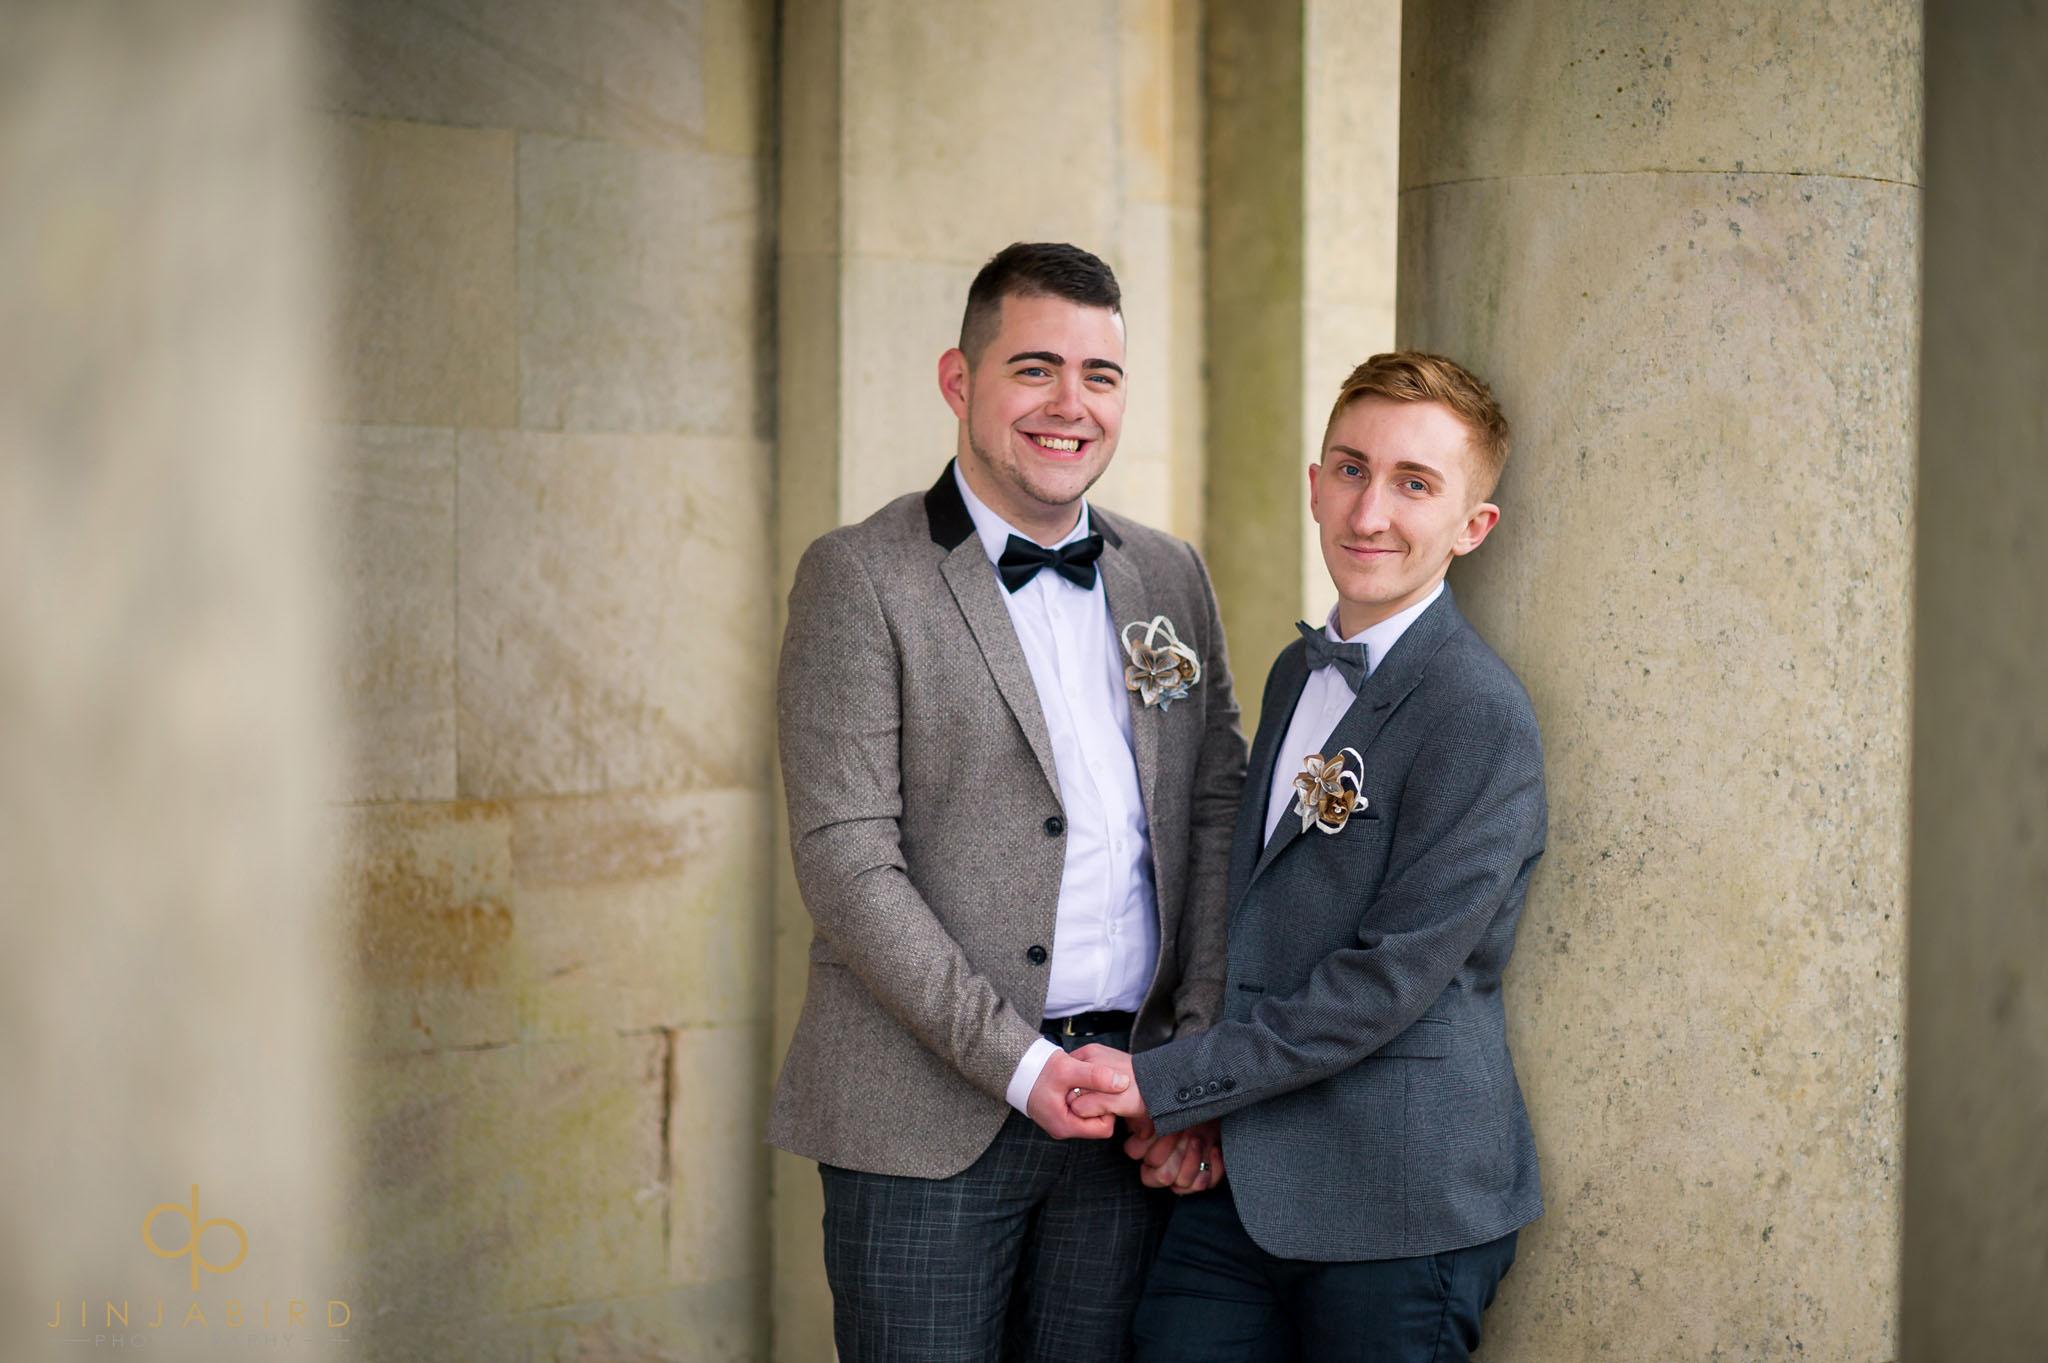 normanton church gay wedding photo